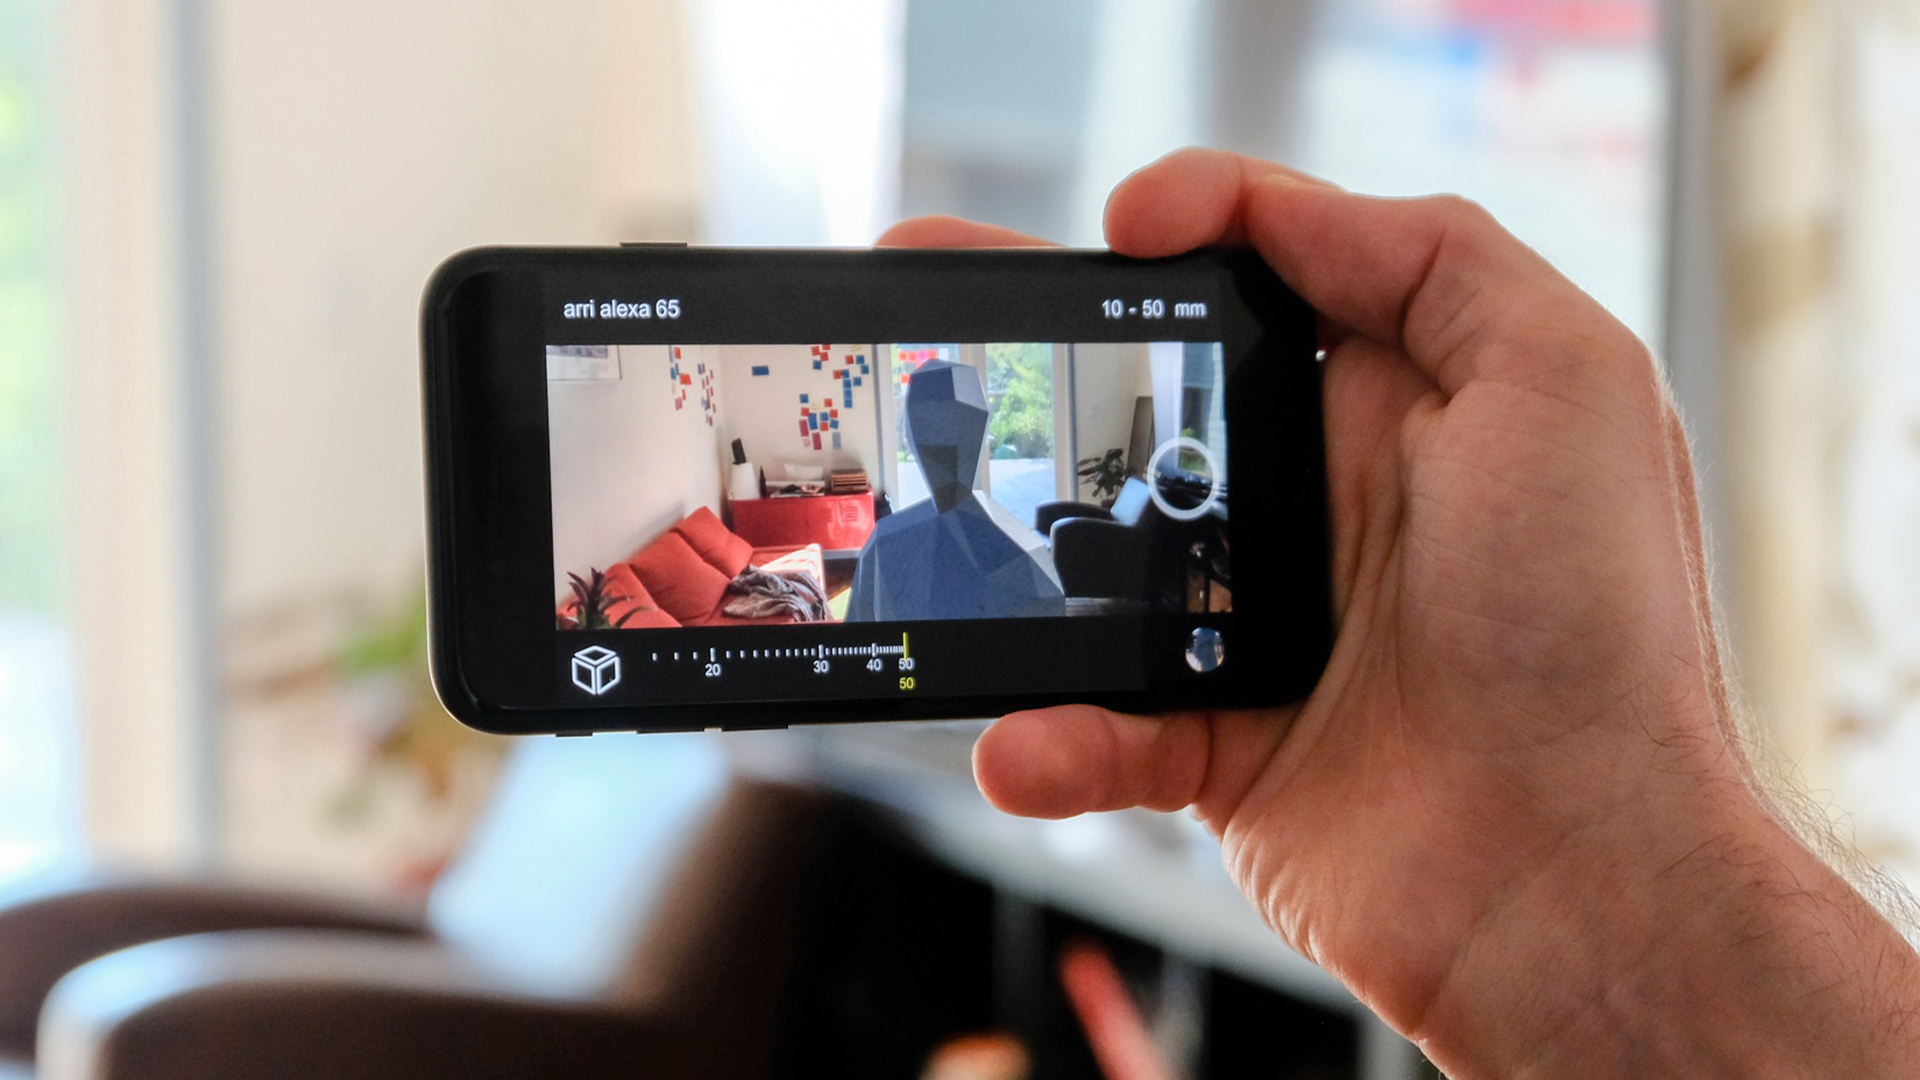 AfterNowのiPhoneアプリBlocker - 俳優の位置や動きをシミュレート